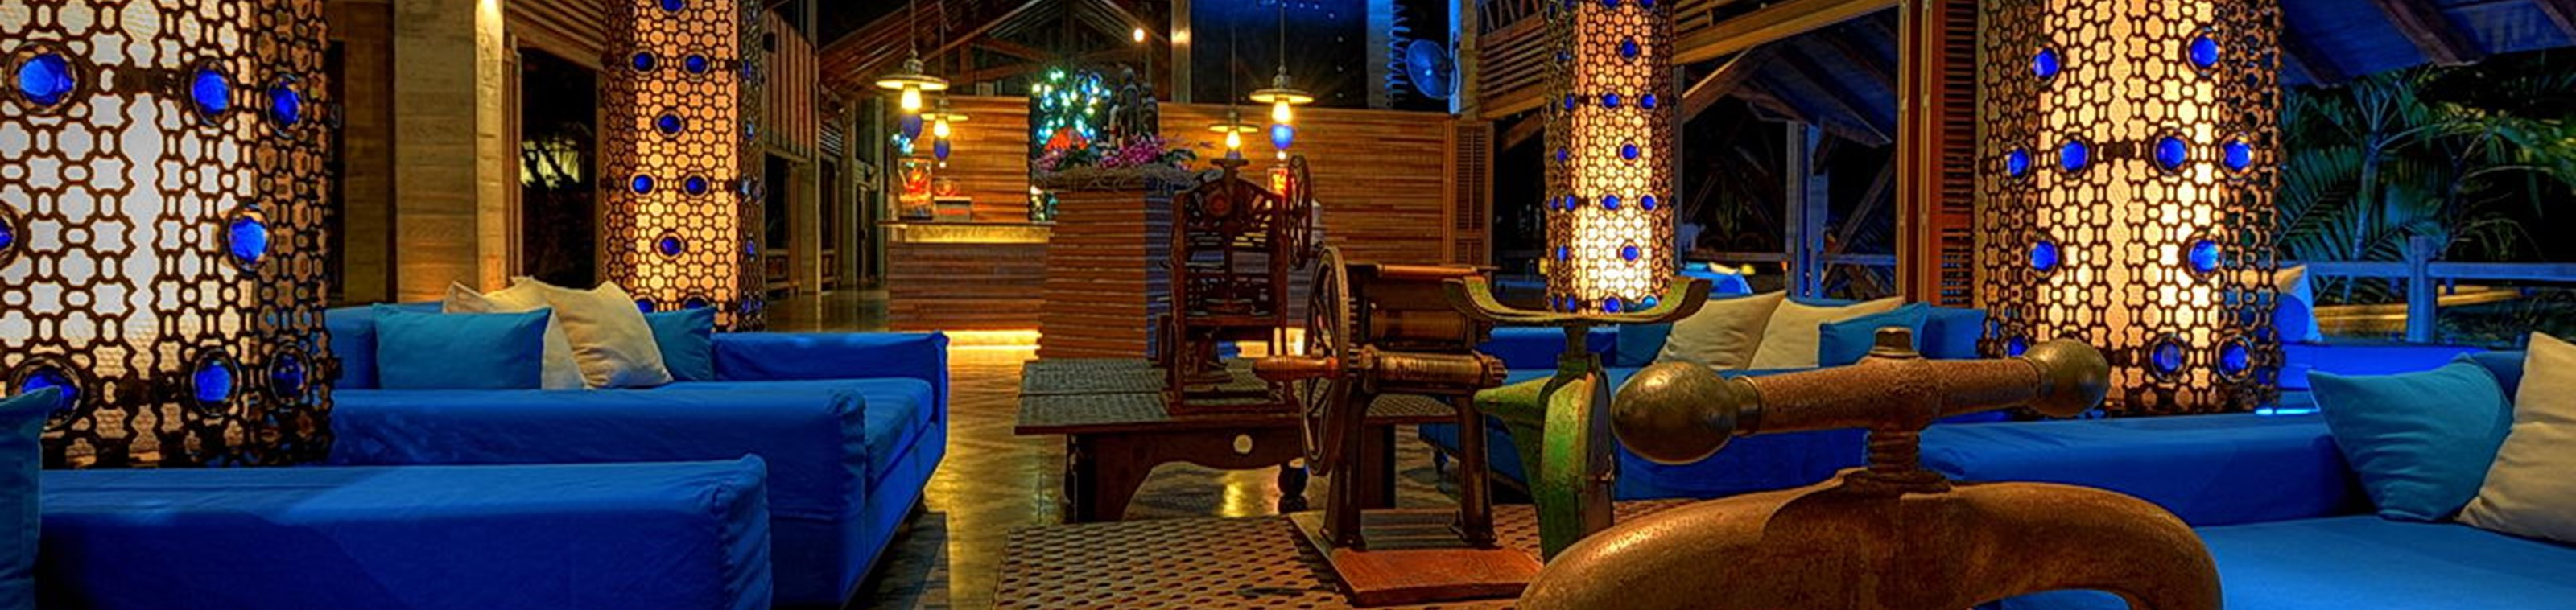 Designhotel in Thailand